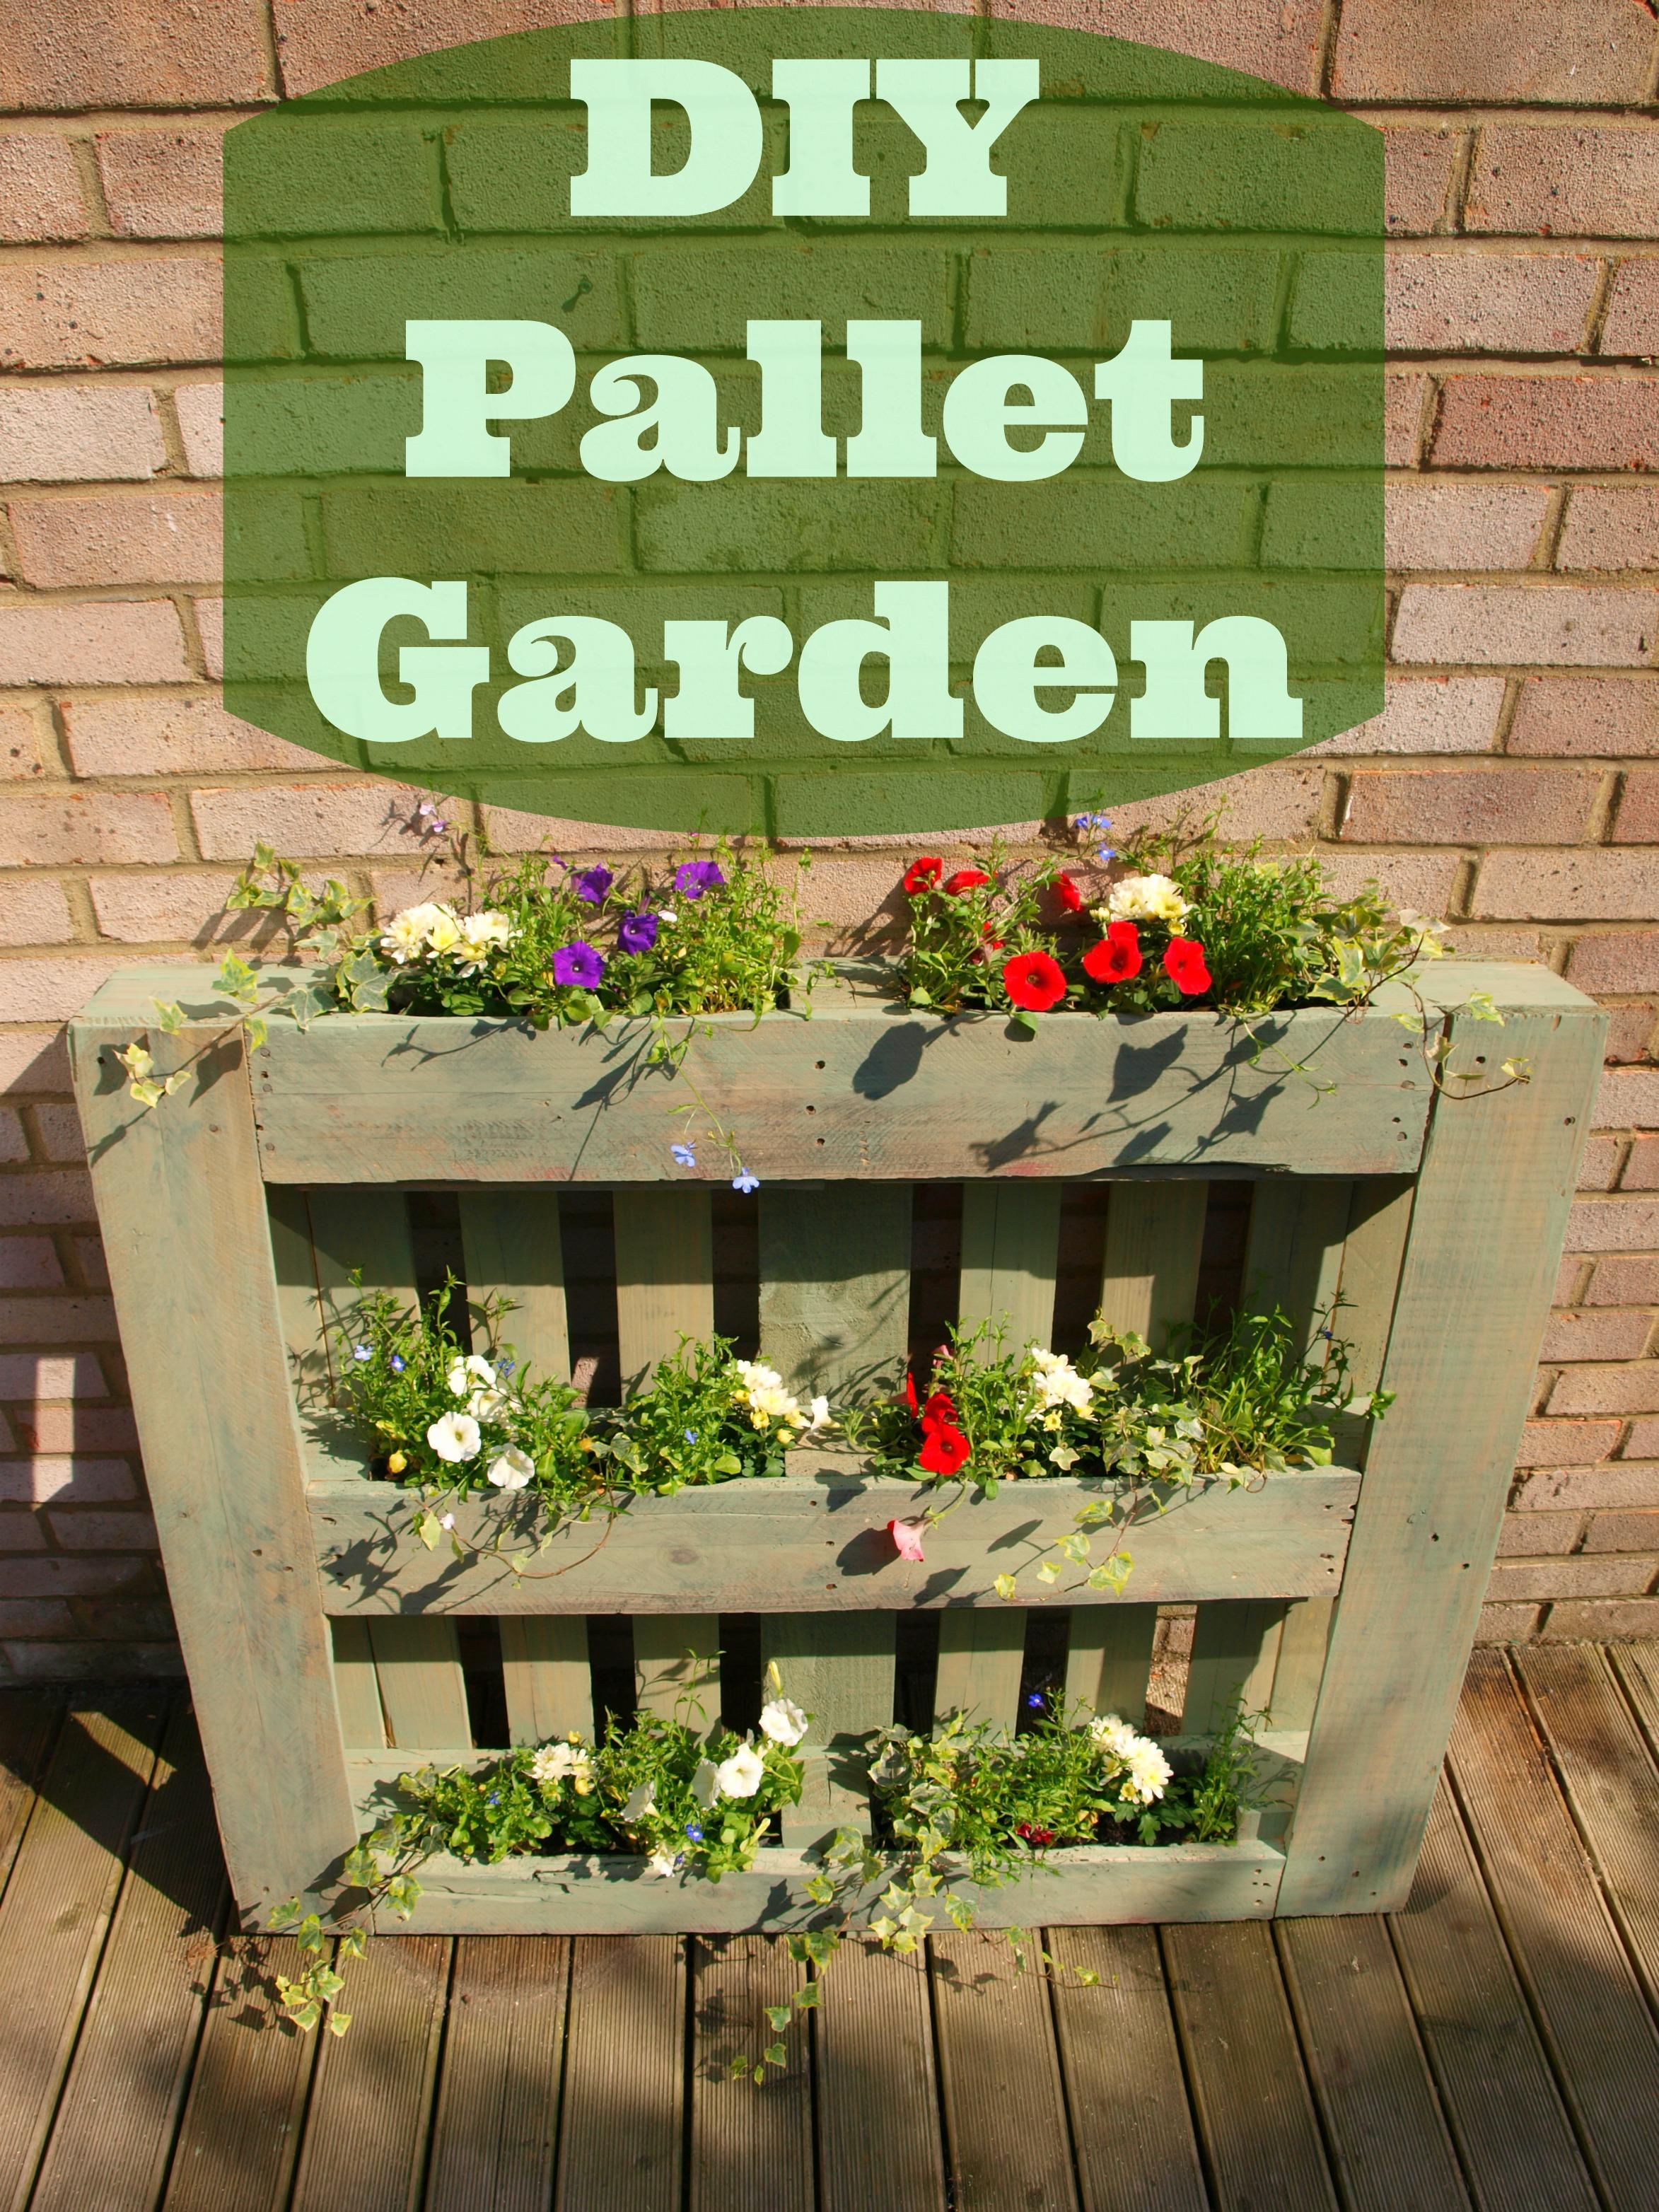 DIY Pallet Garden Anna International